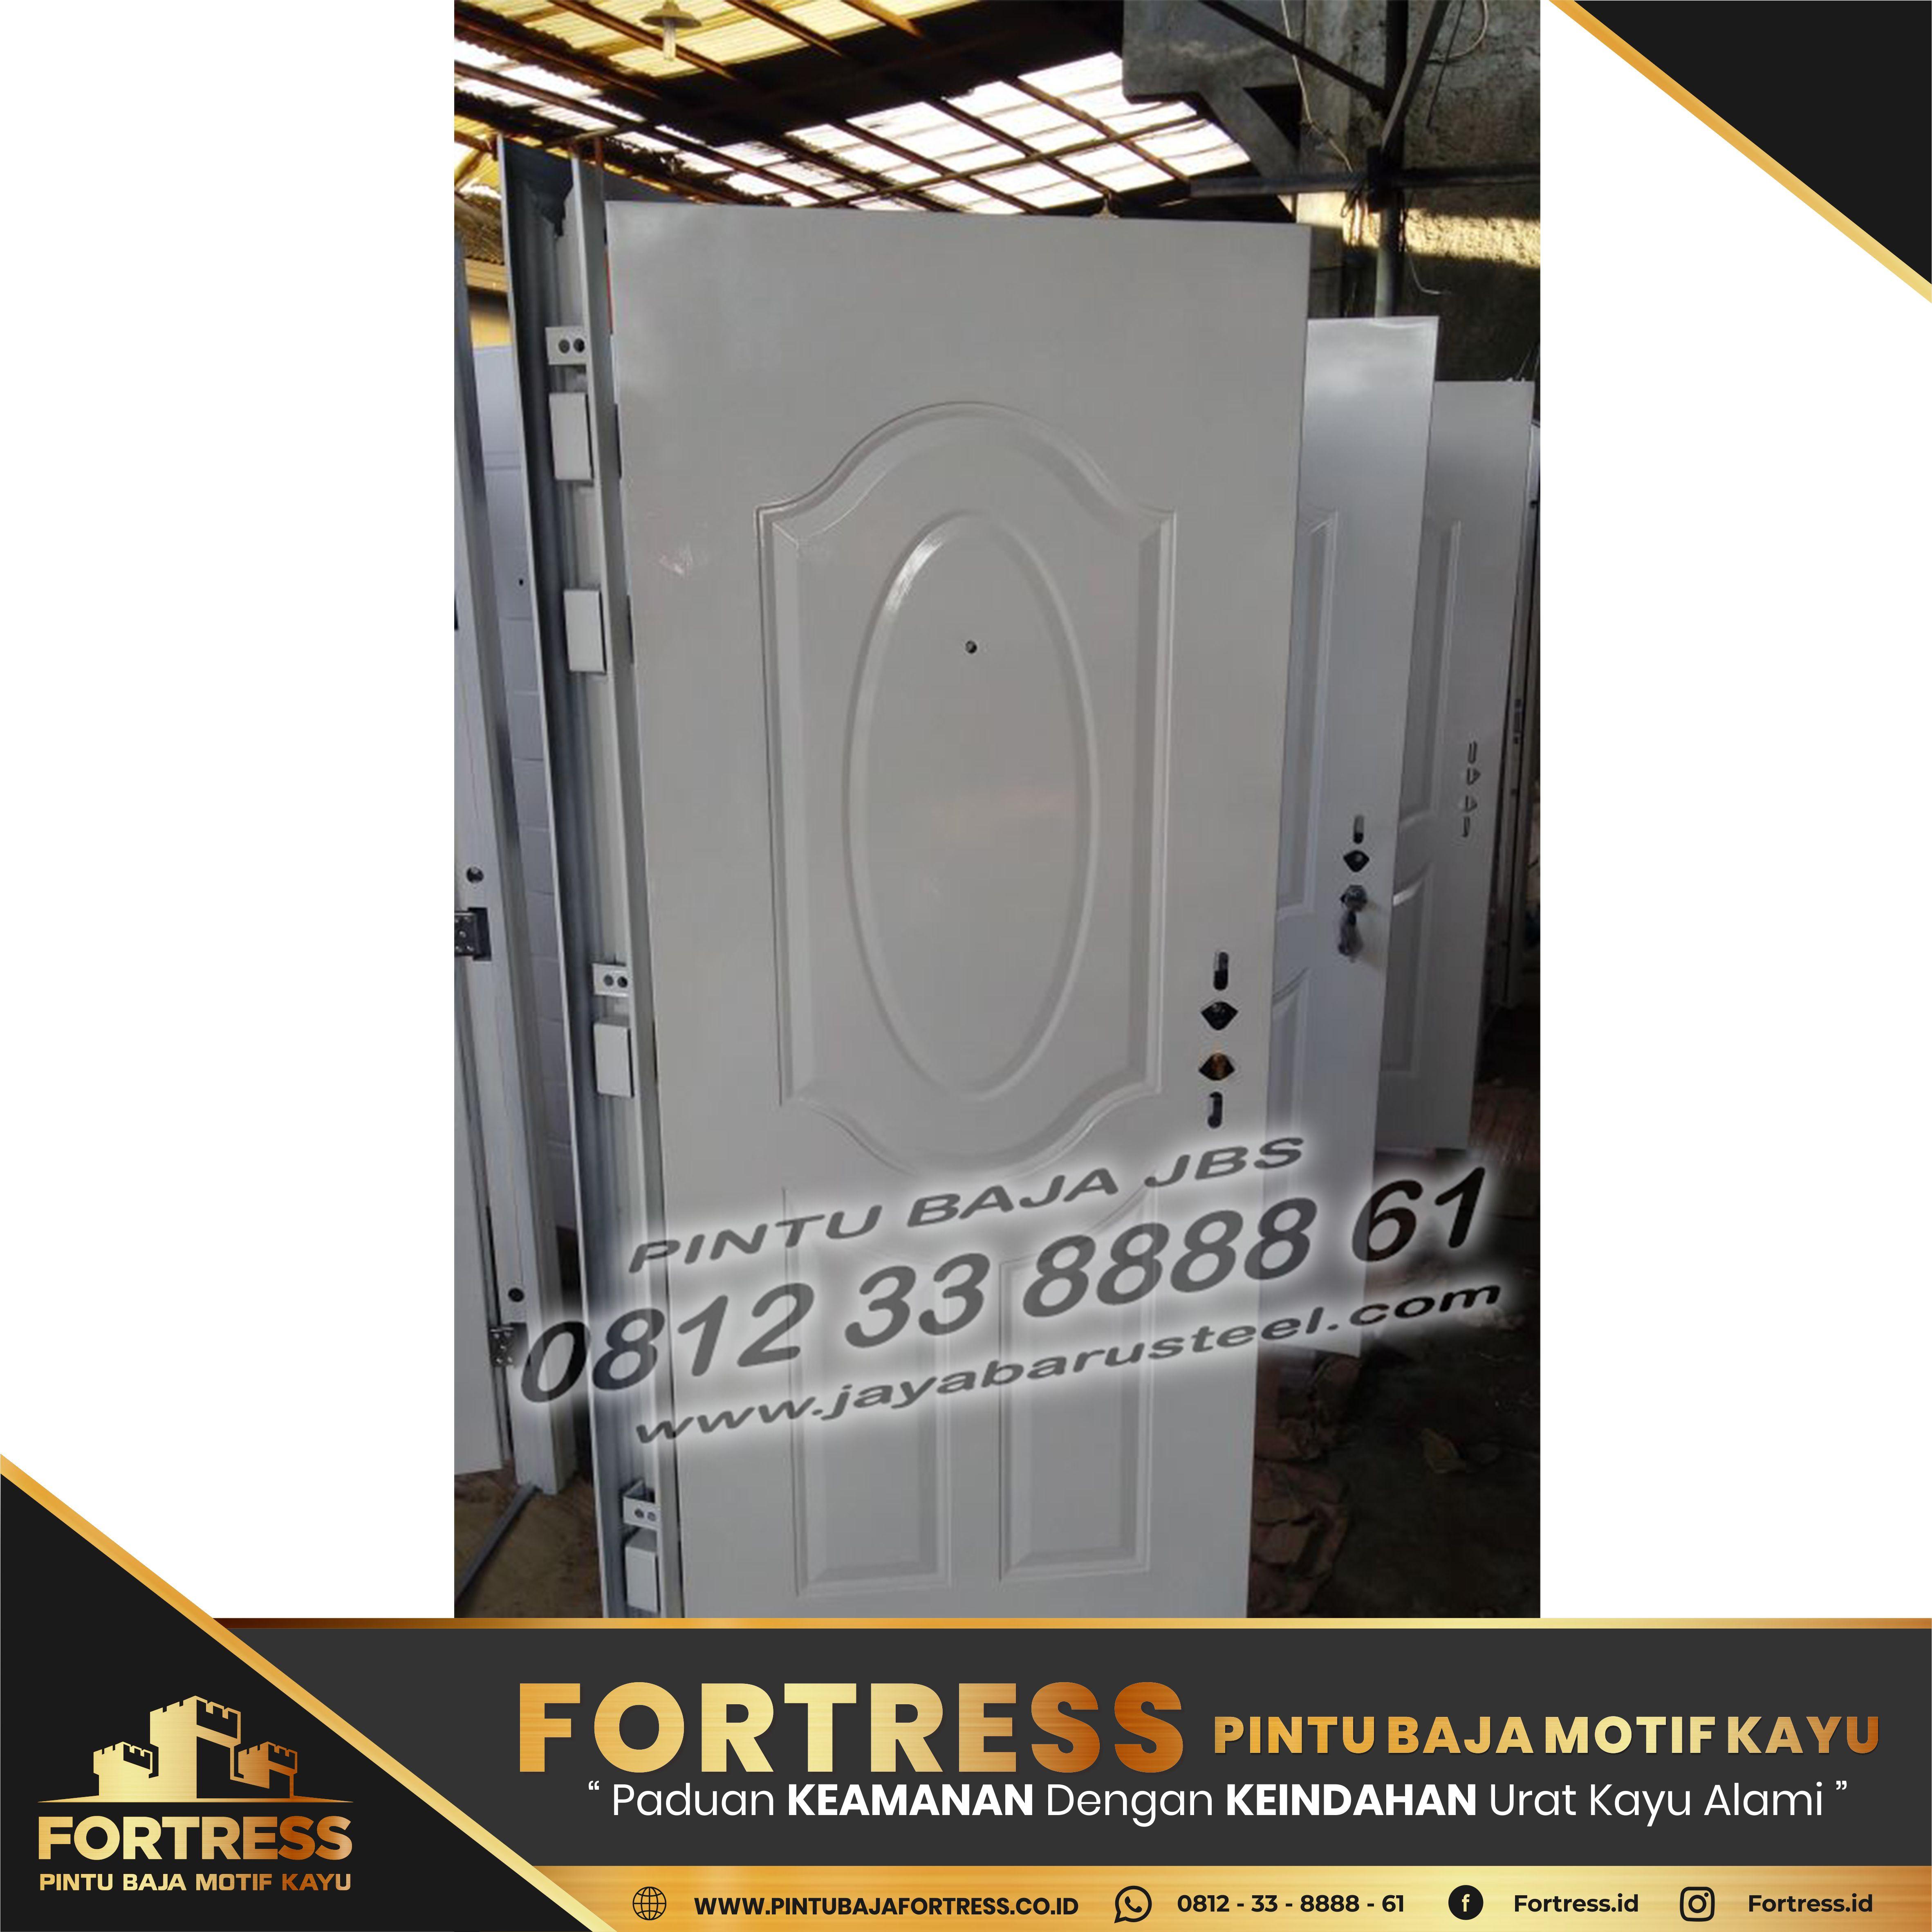 0812-91-6261-07 (FORTRESS) Samarinda Steel Plate Doors, Doors …